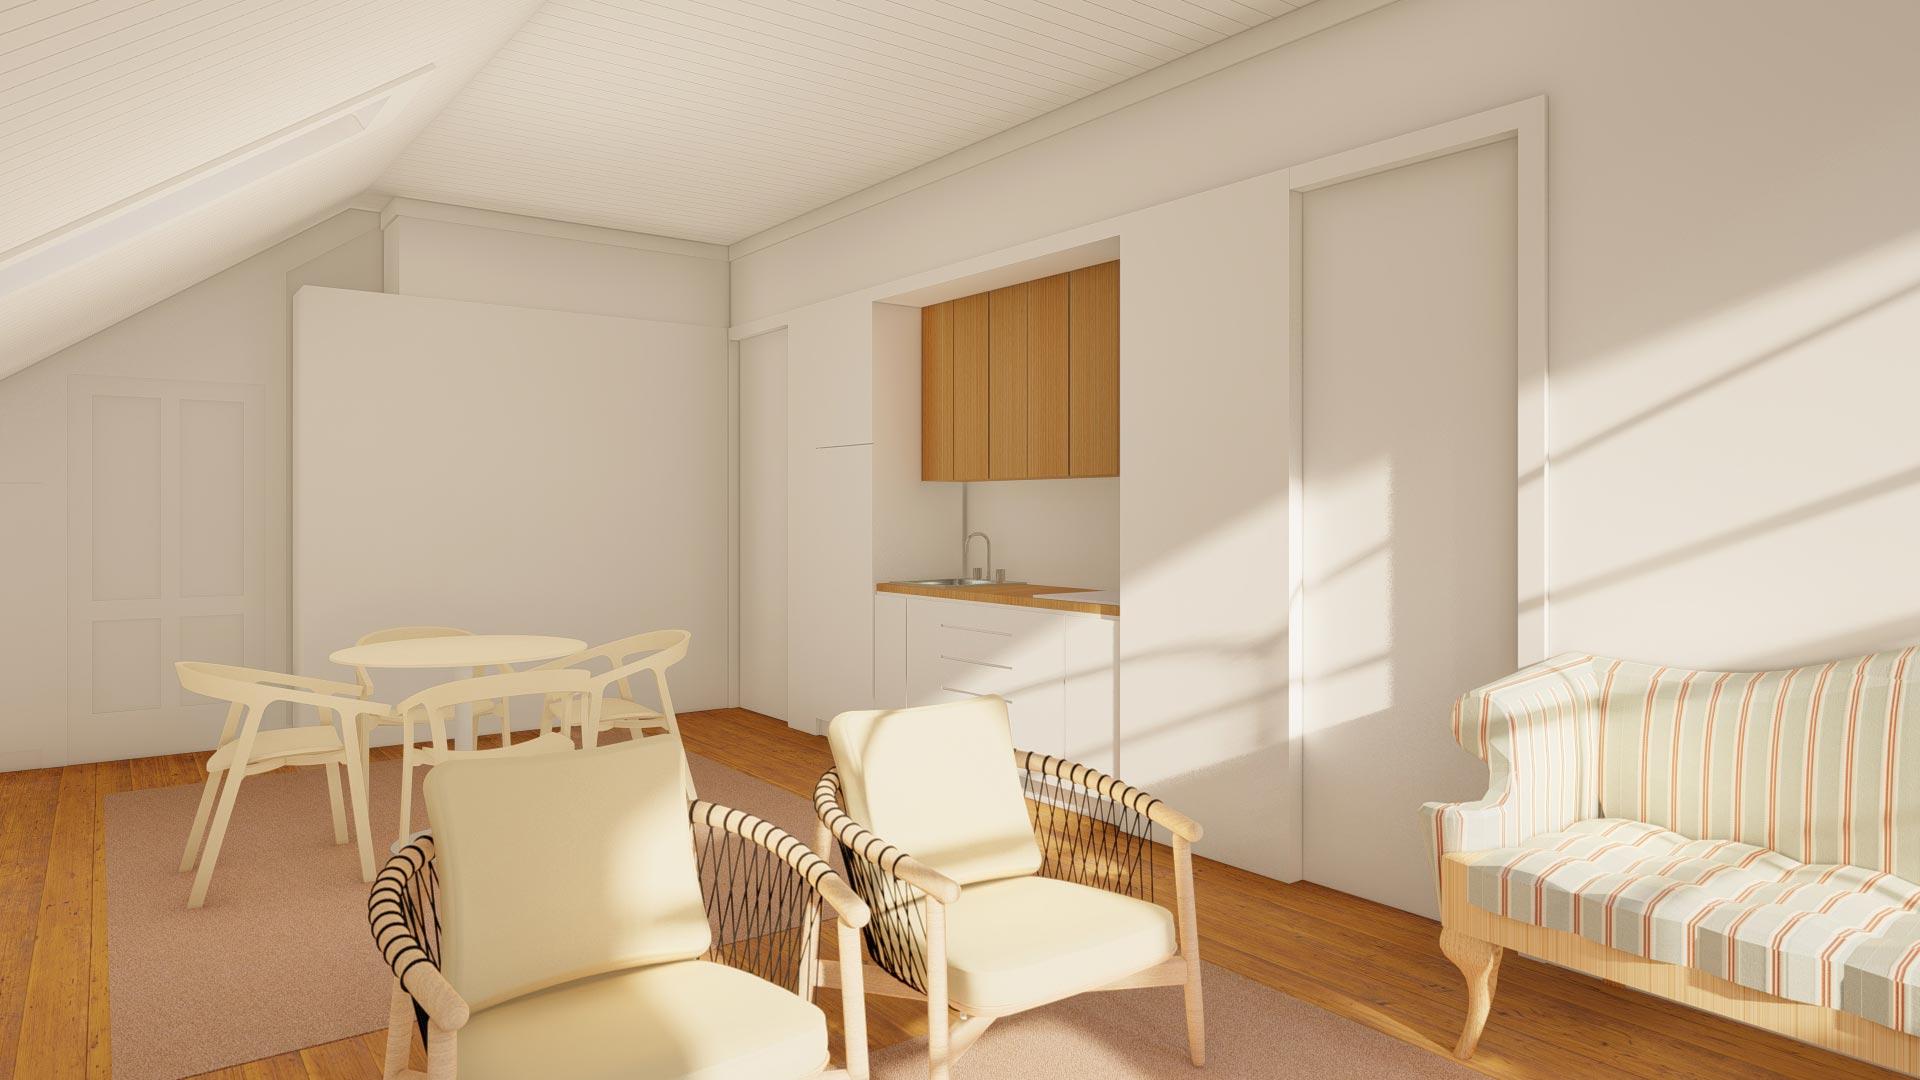 Sala comum co cozinha integrada em águas furtadas de prédio reabilitado, no Porto.